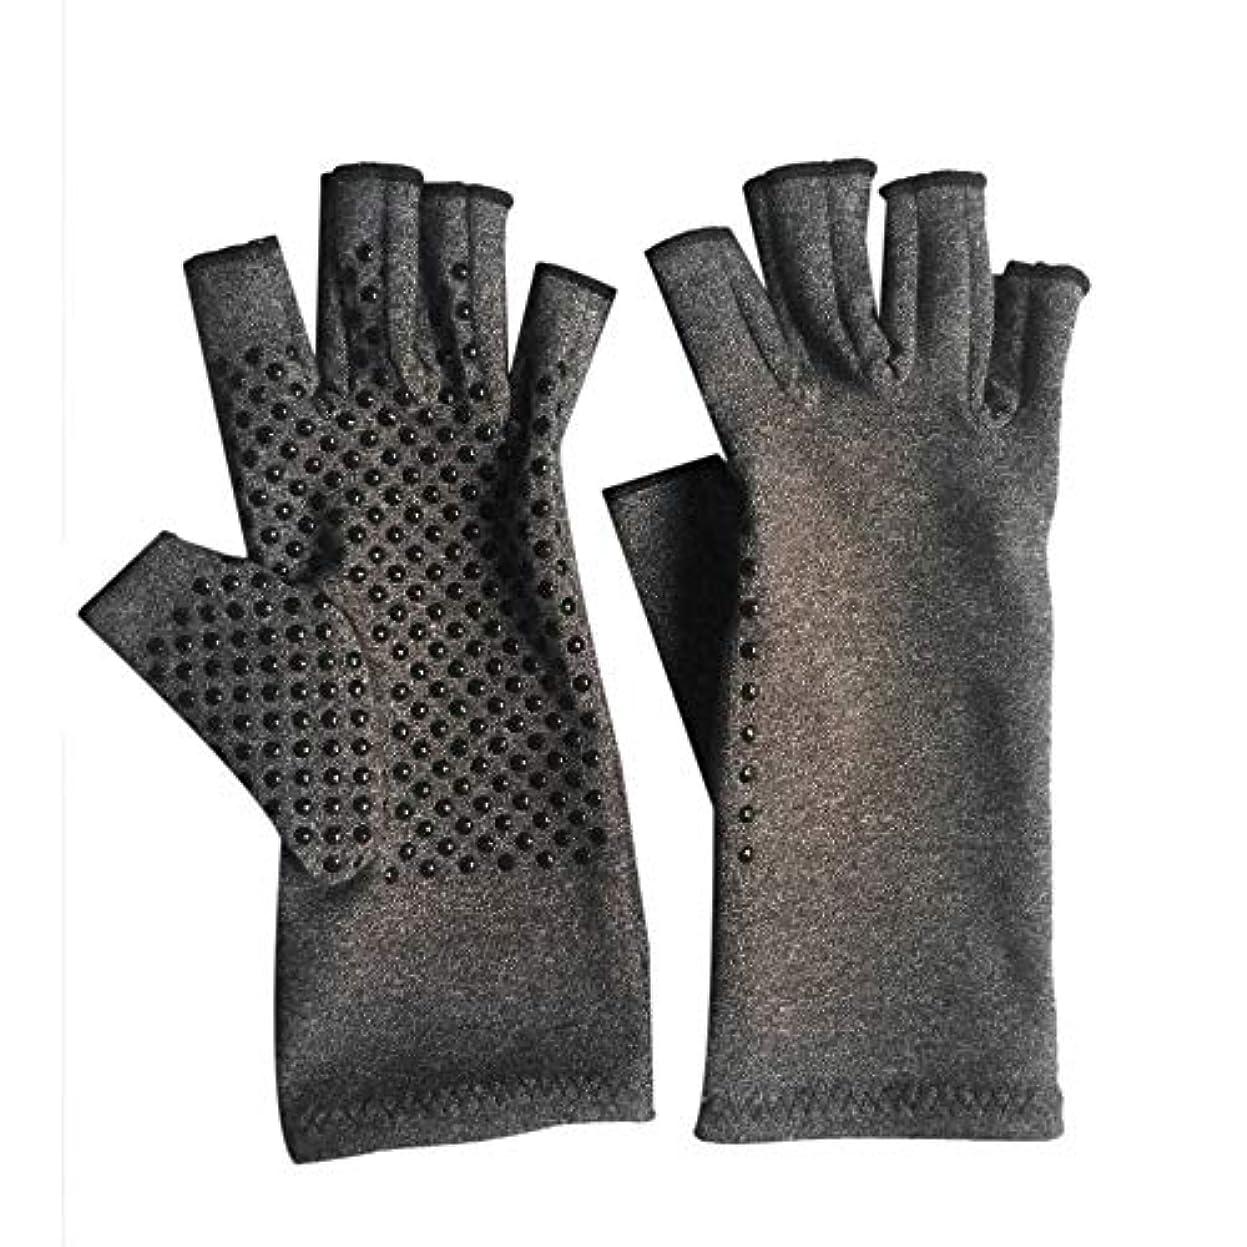 シェルター議論する案件1ペアユニセックス男性女性療法圧縮手袋関節炎関節痛緩和ヘルスケア半指手袋トレーニング手袋 - グレーM